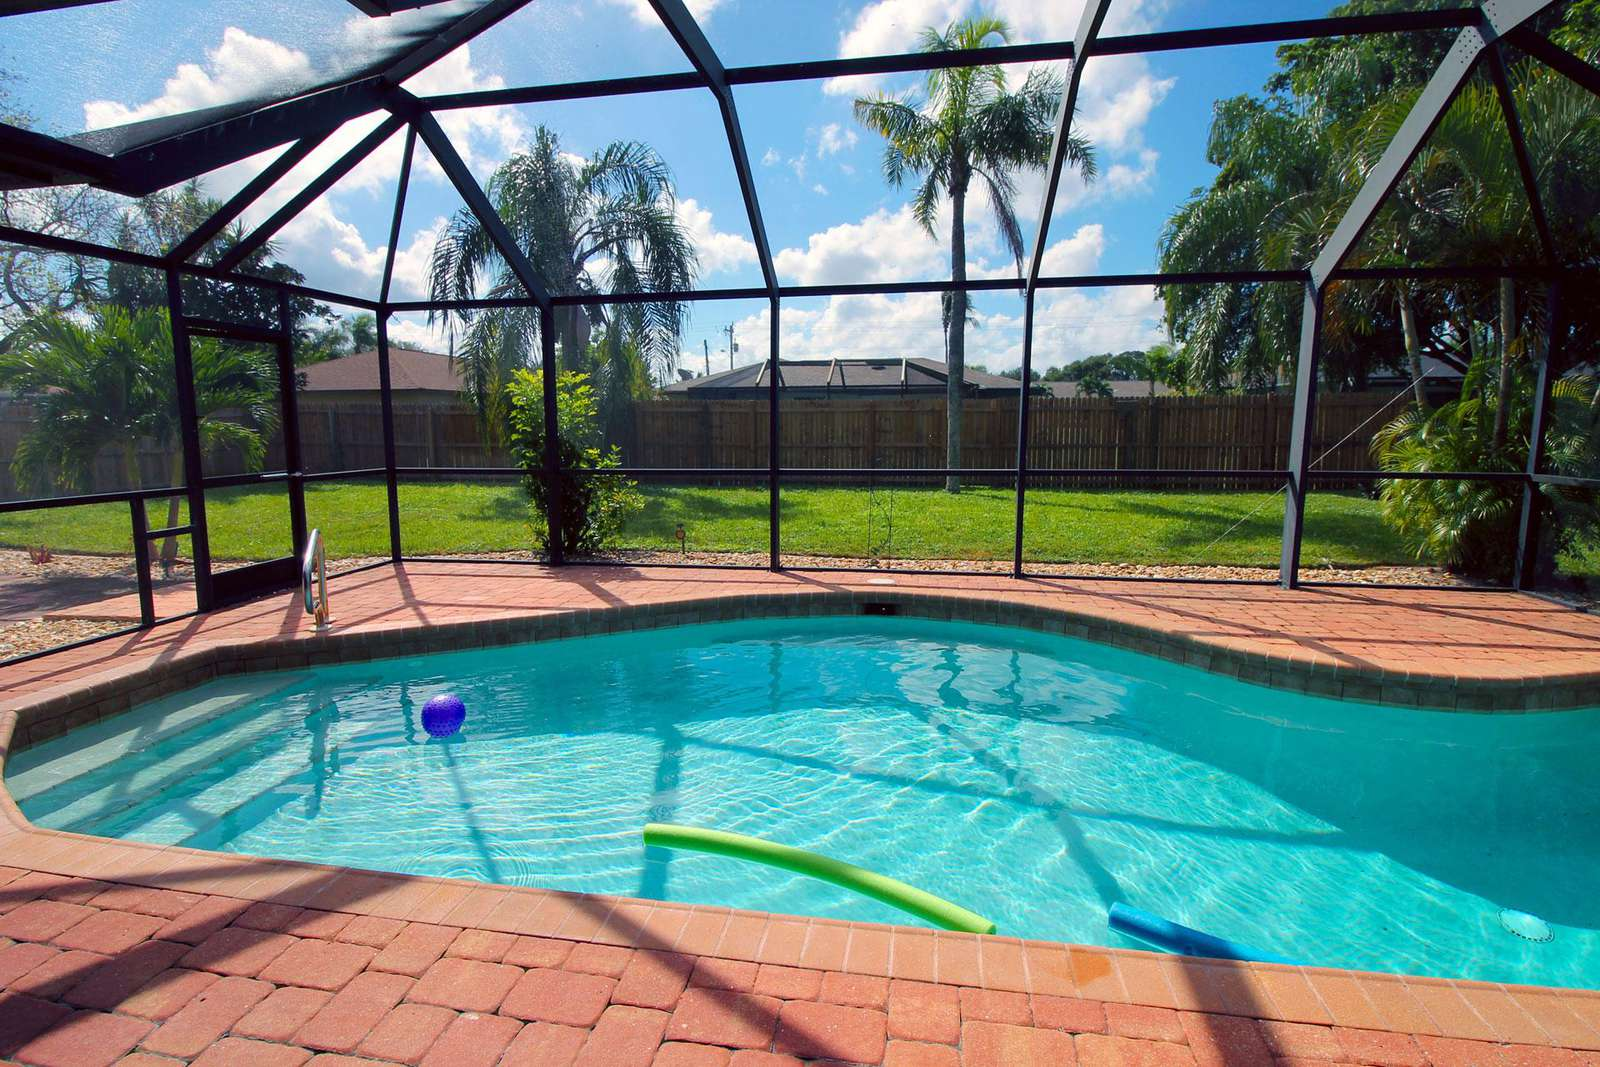 Villa Florida Flair - property